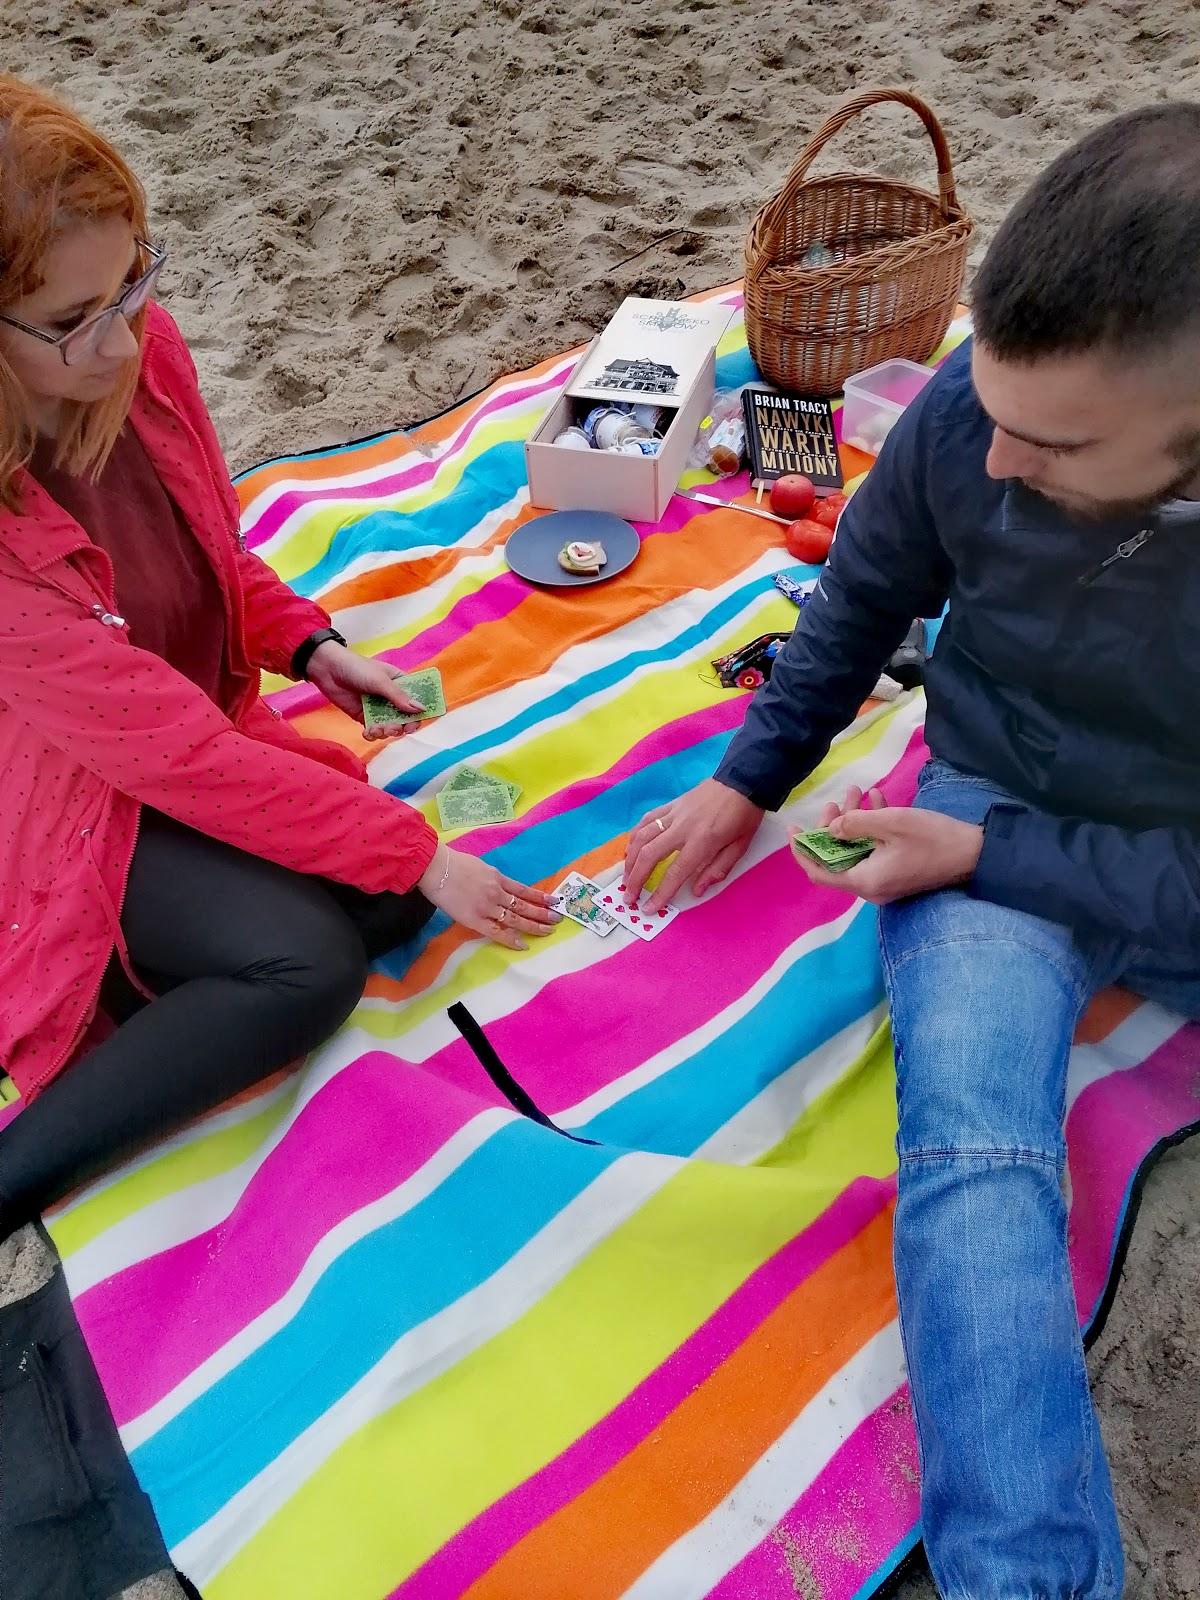 Majówka po swojemu - piknik we dwoje na plaży